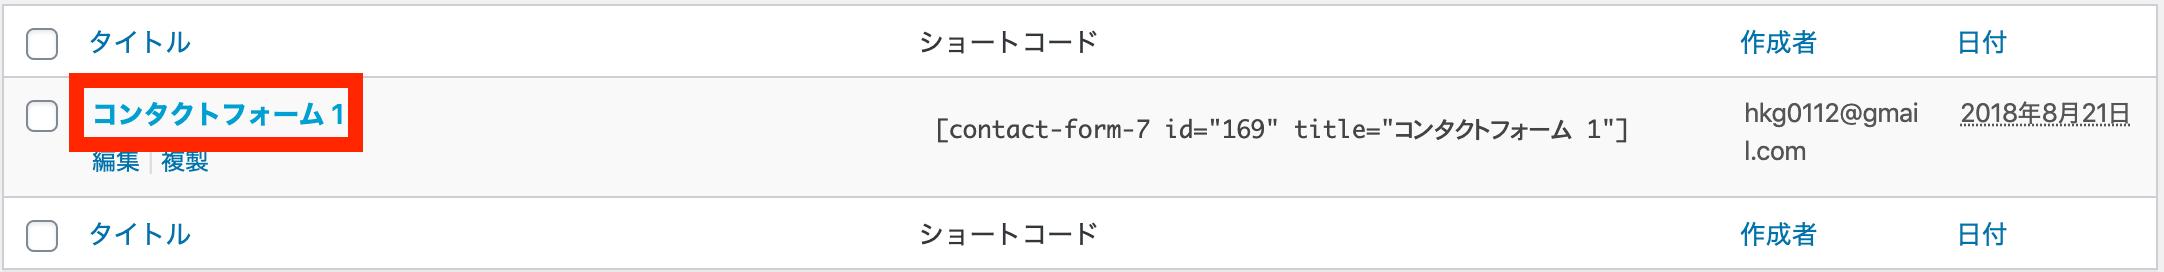 contact form edit 2